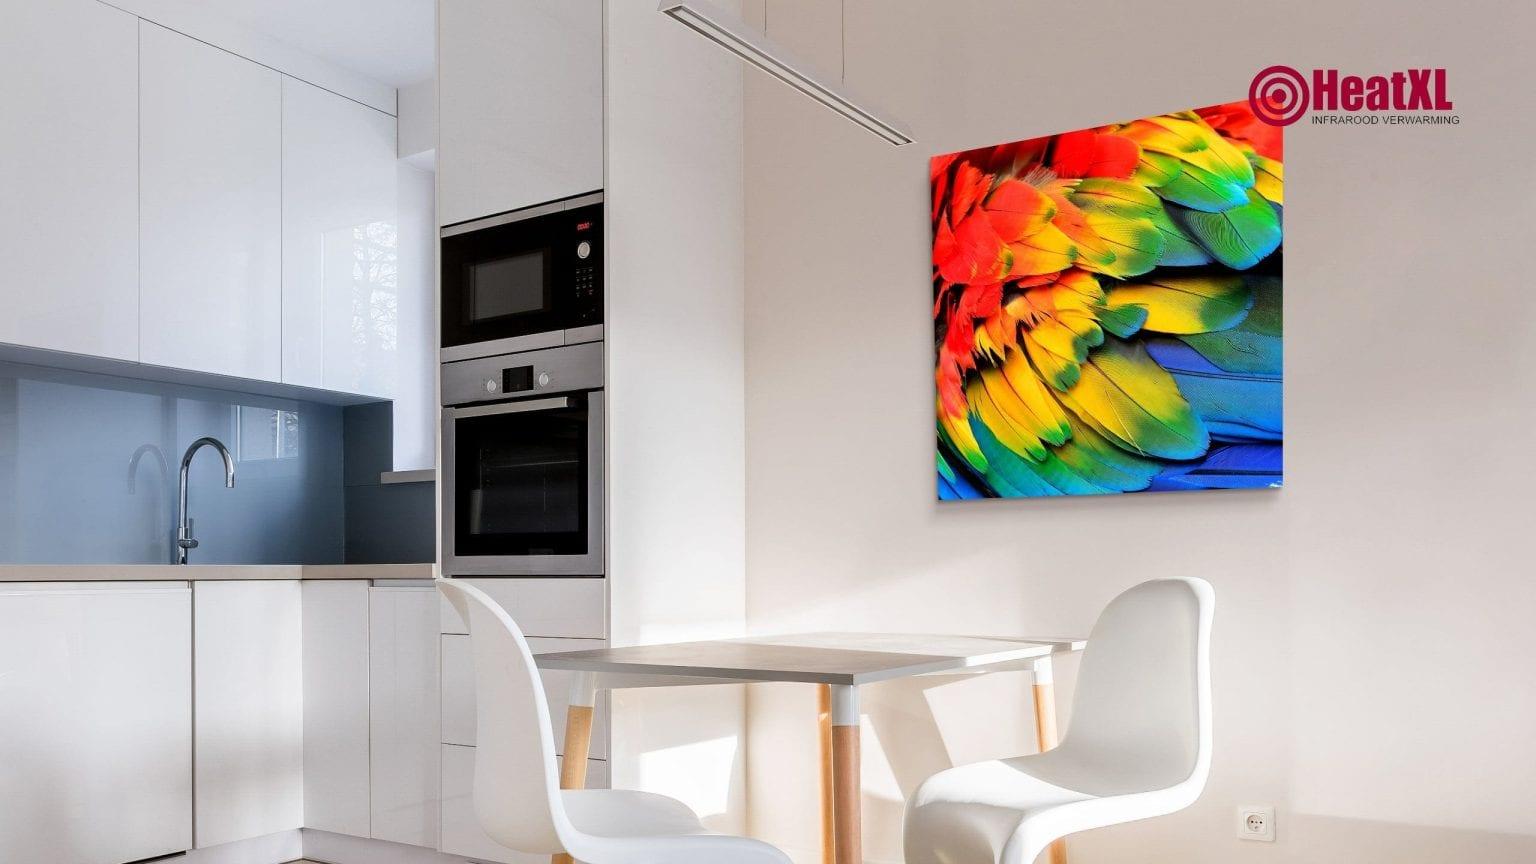 infraroodpaneel infrarood verwarming warmtepaneel woonkamer print foto 3